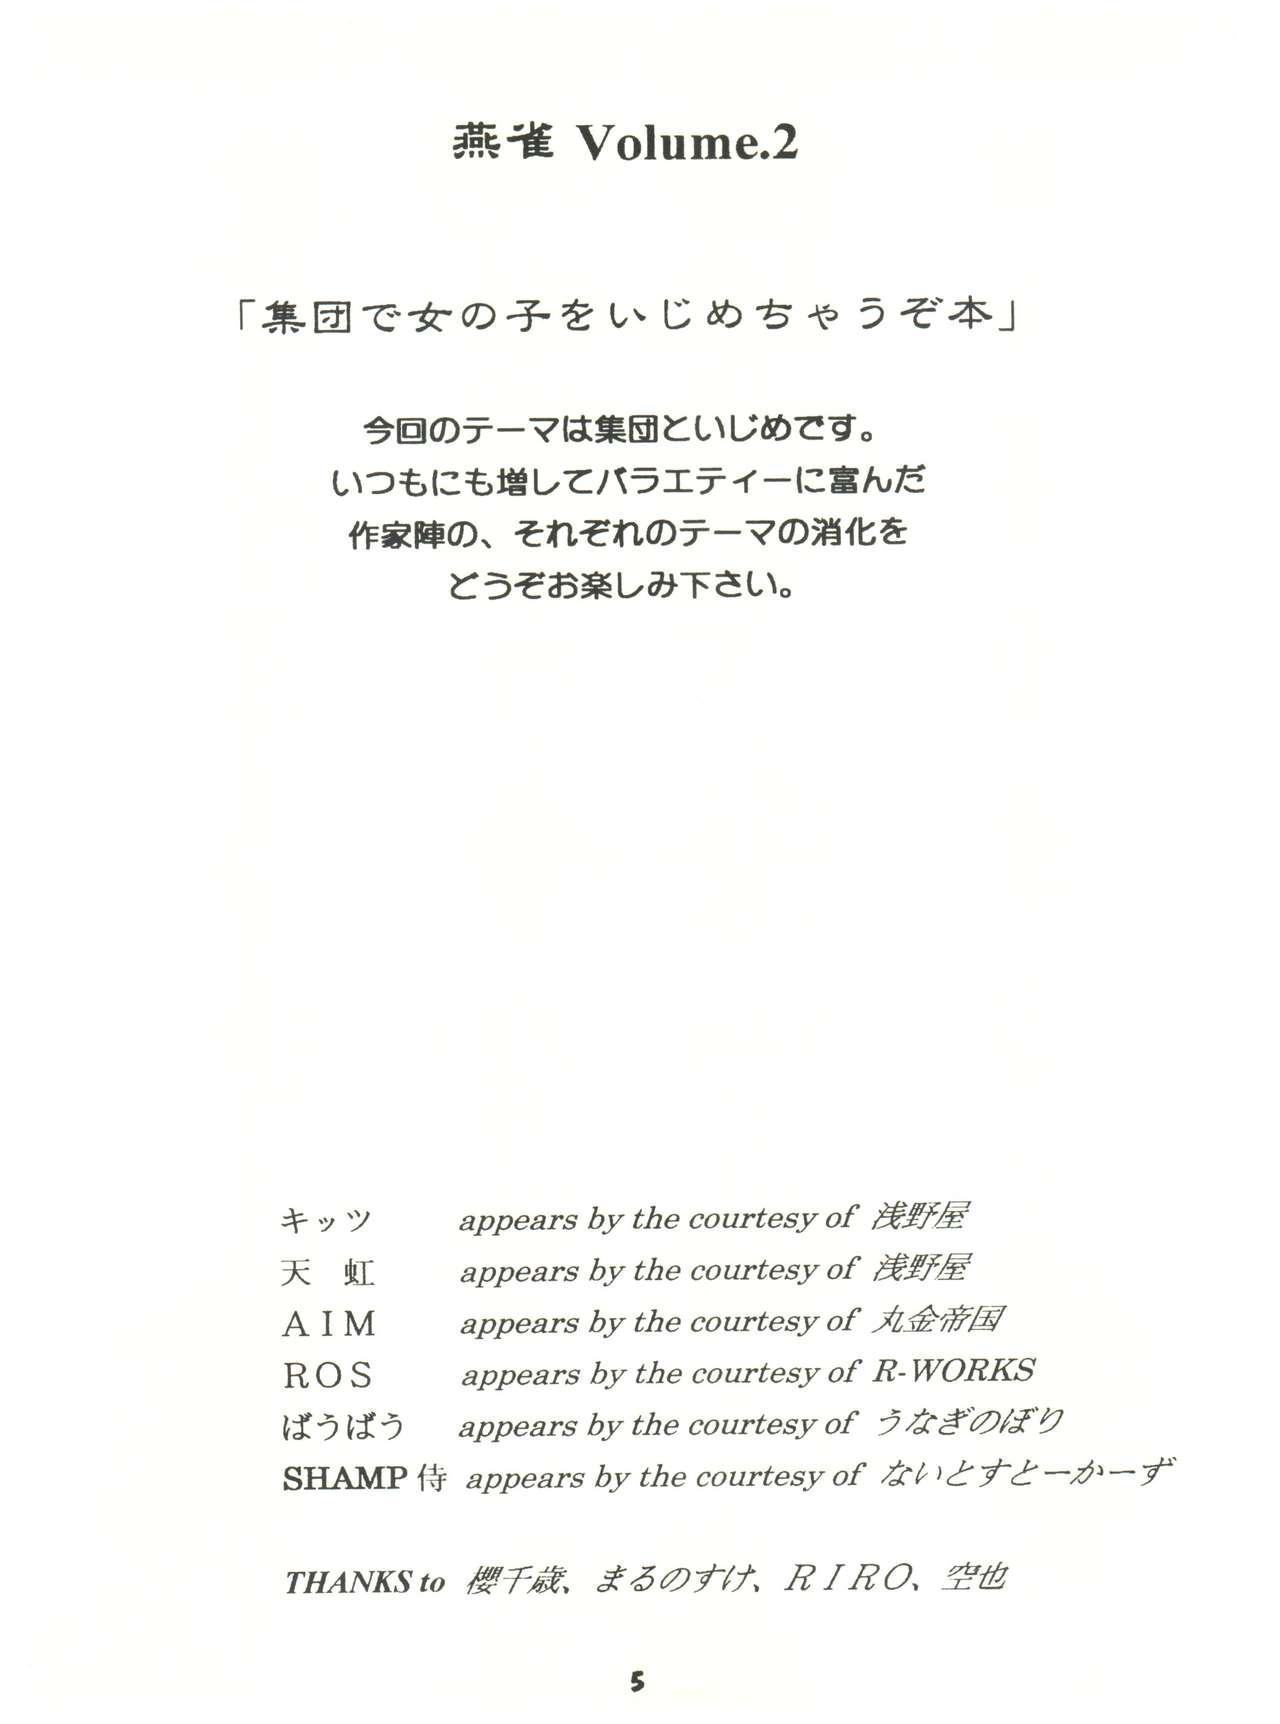 [Sairo Publishing (J. Sairo) En-Jack 2 (Various) 4